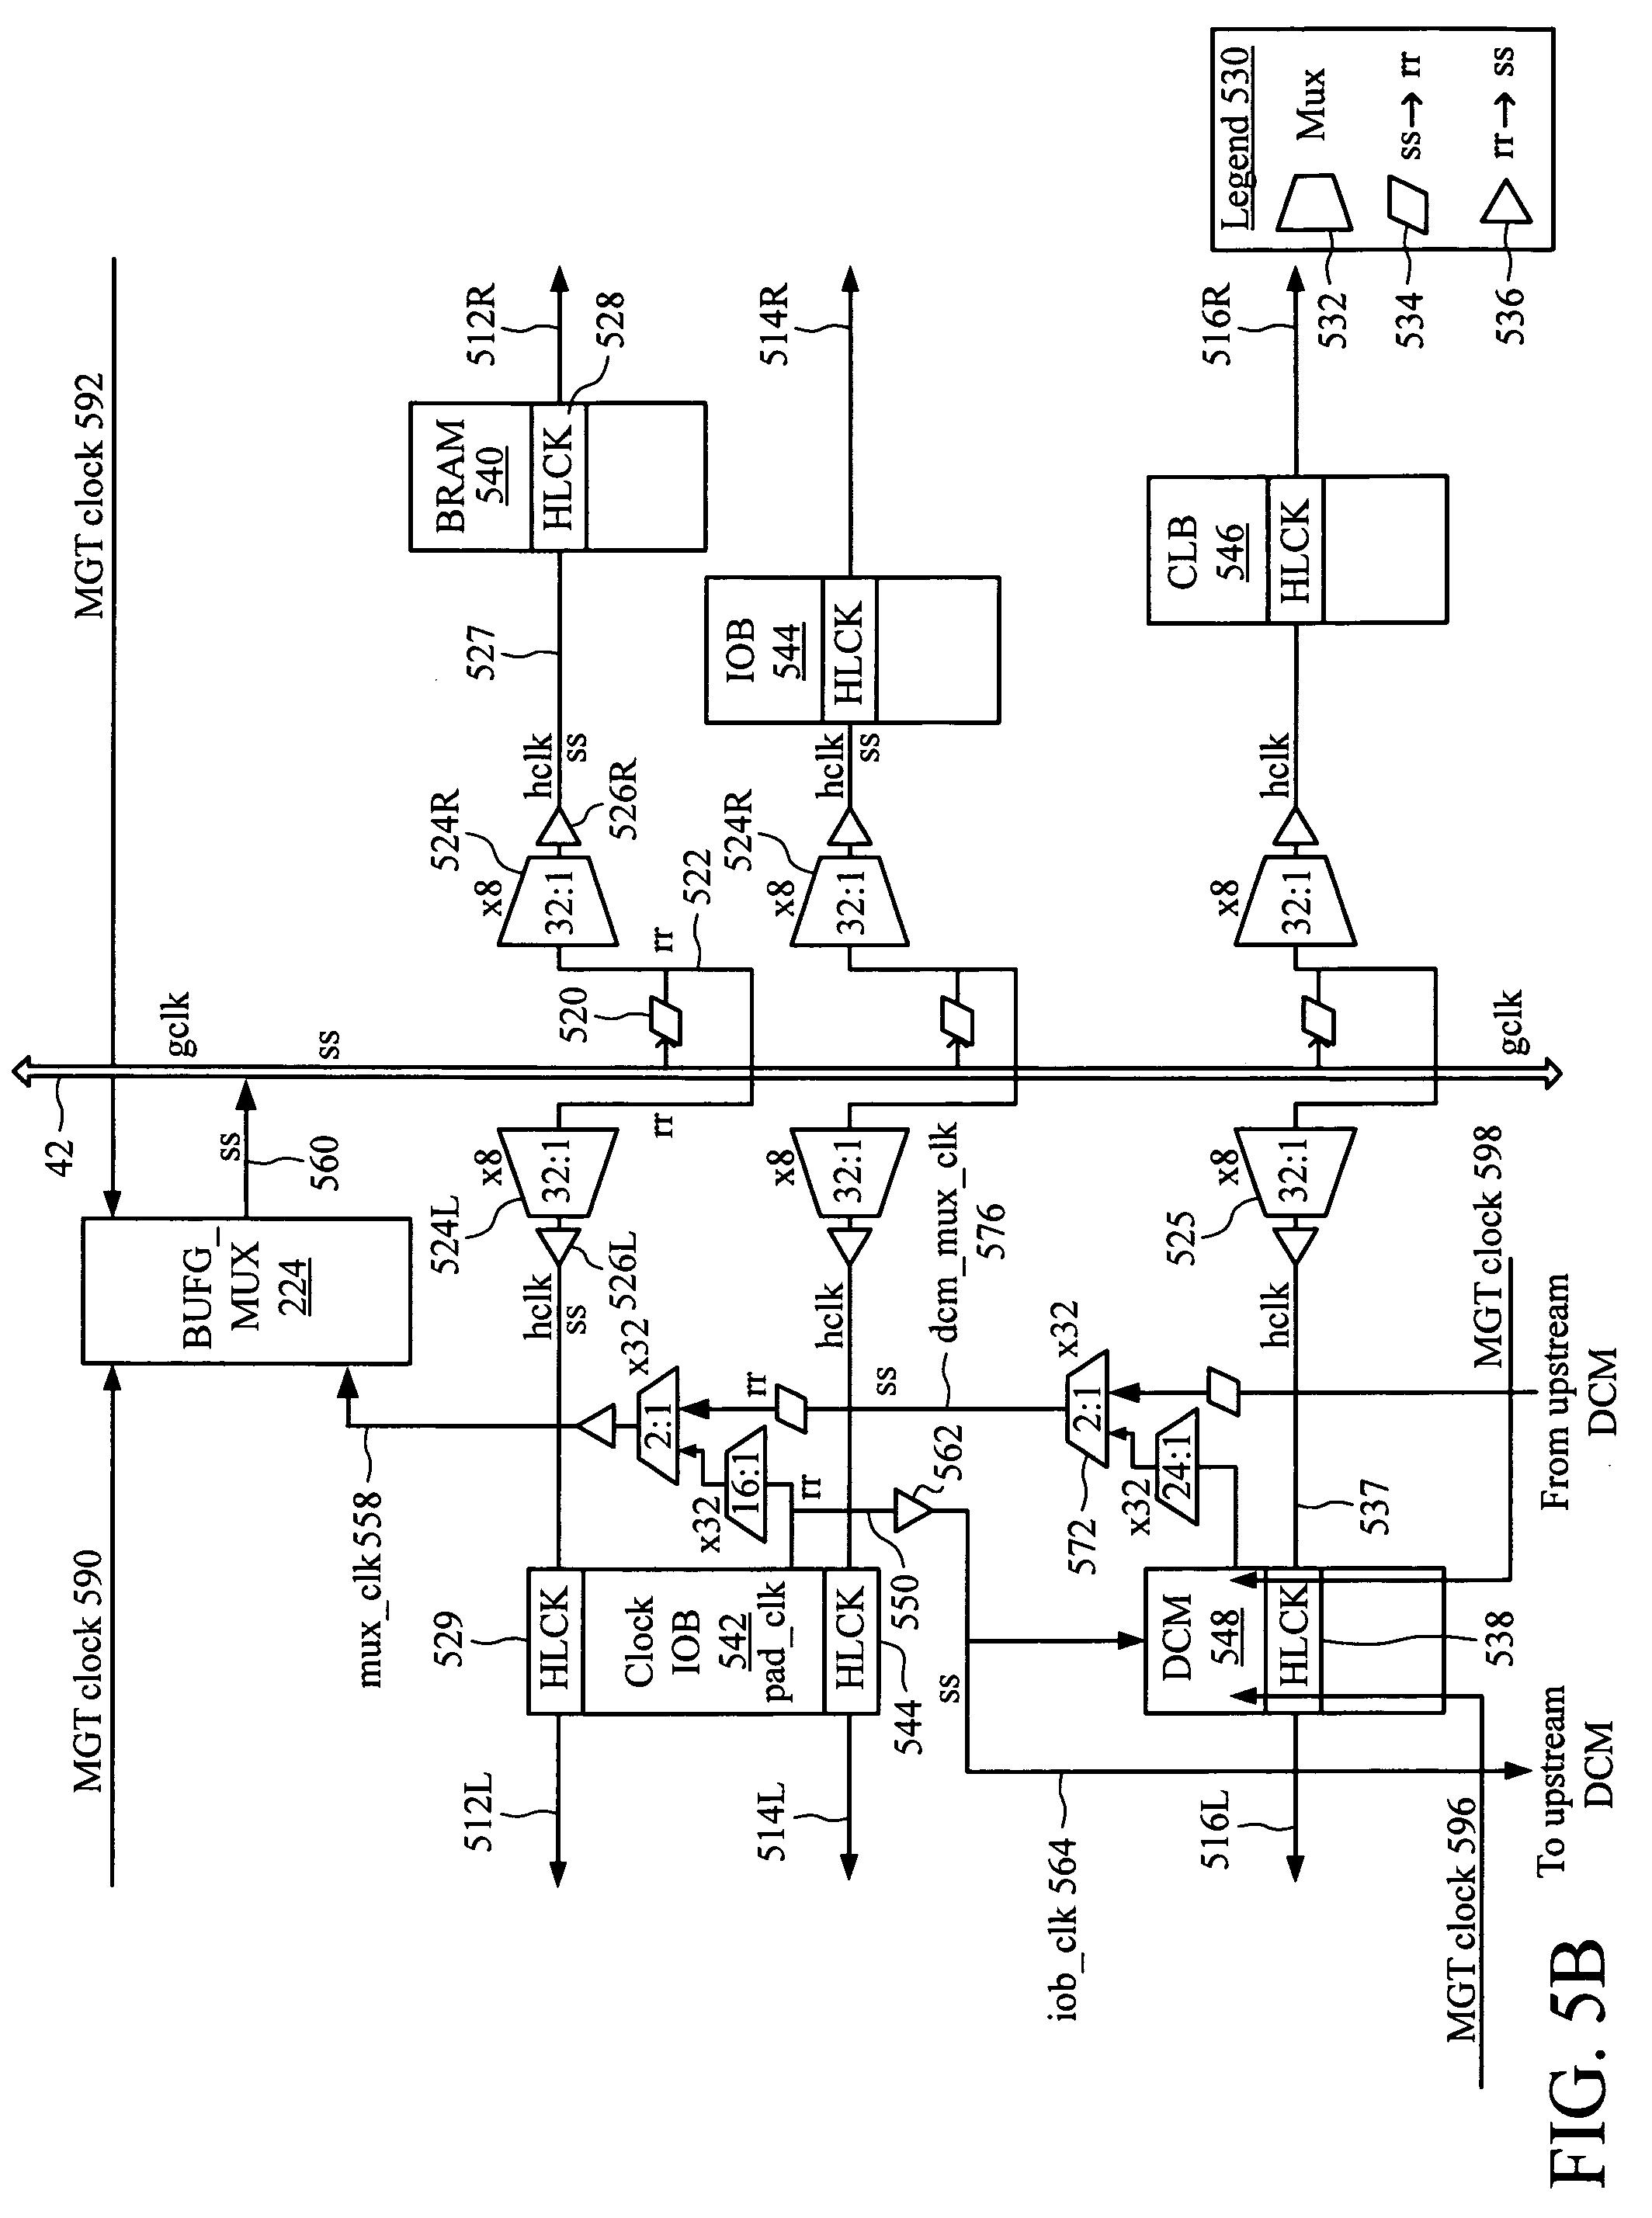 patent us7518401